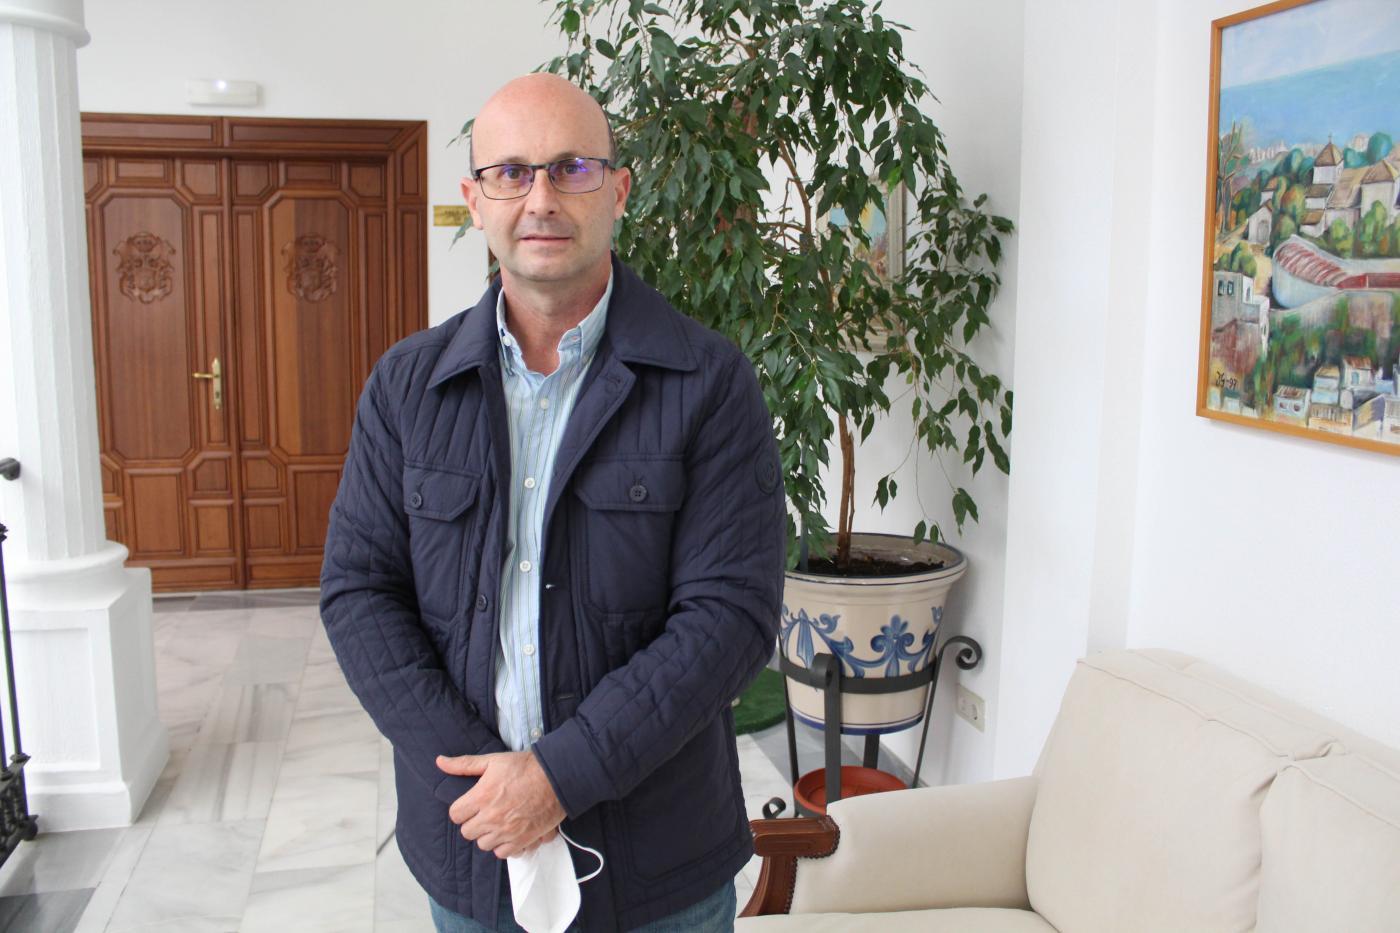 El concejal de Obras e Infraestructuras, José Carlos Martín.